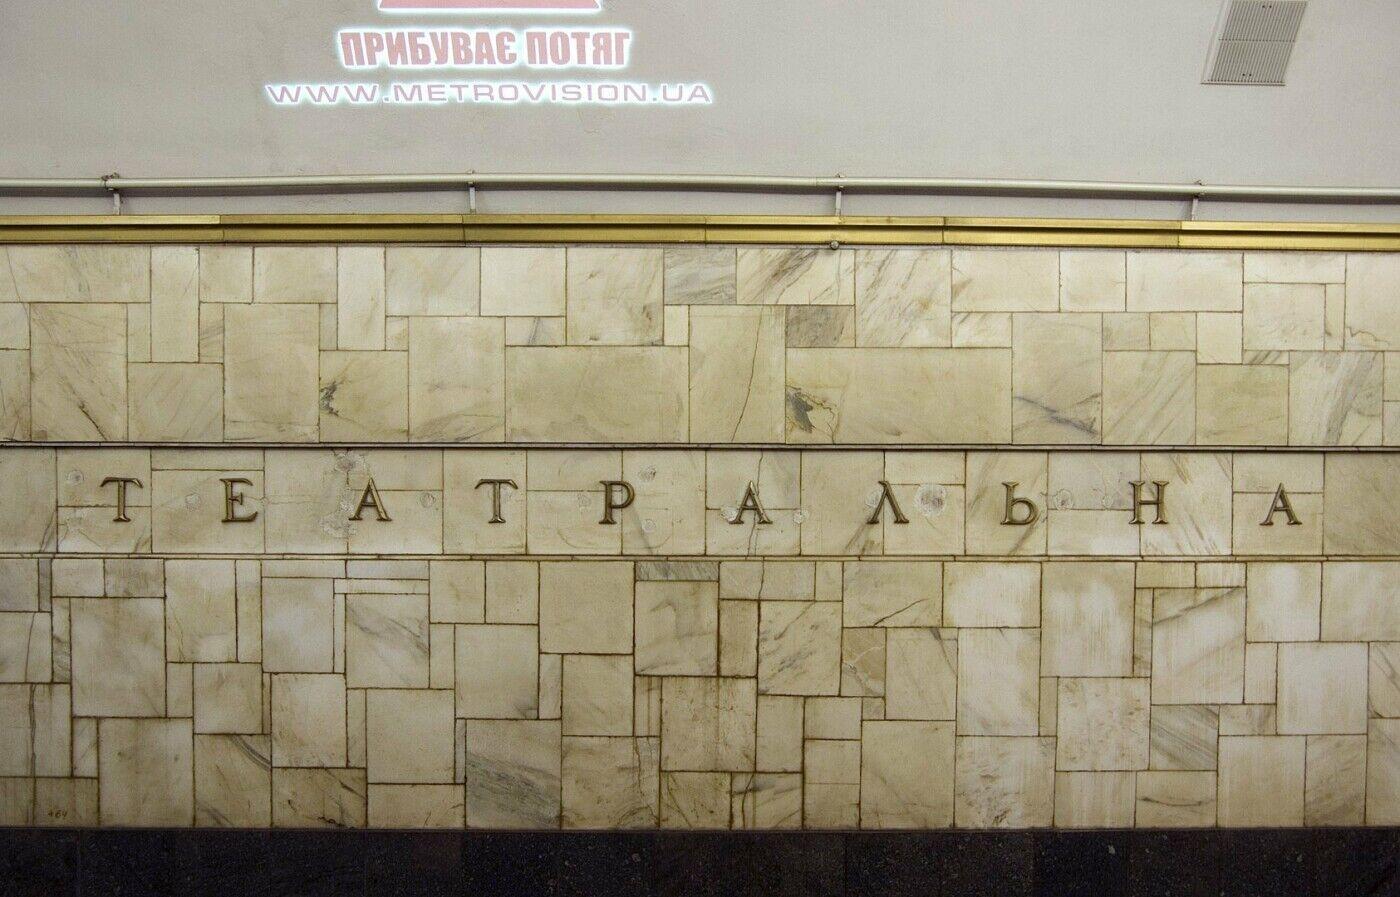 """""""Театральная"""", вместе с """"Улицей Ленина"""", изначально была одним из проектных названий станции"""